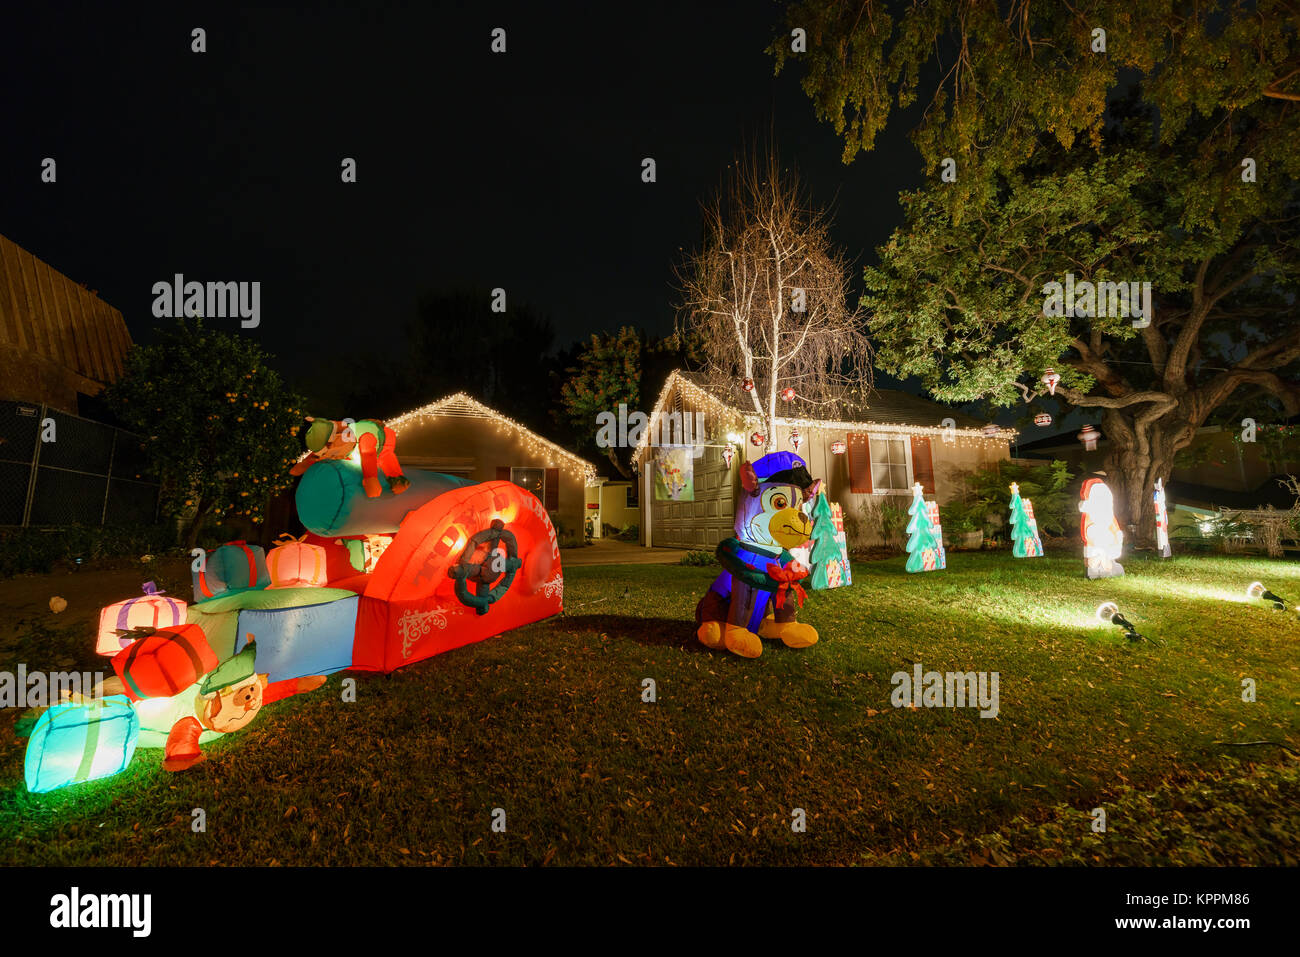 los angeles dec 15 beautiful christmas lights in upper hastings ranch neighborhood on dec 15 2017 at los angeles